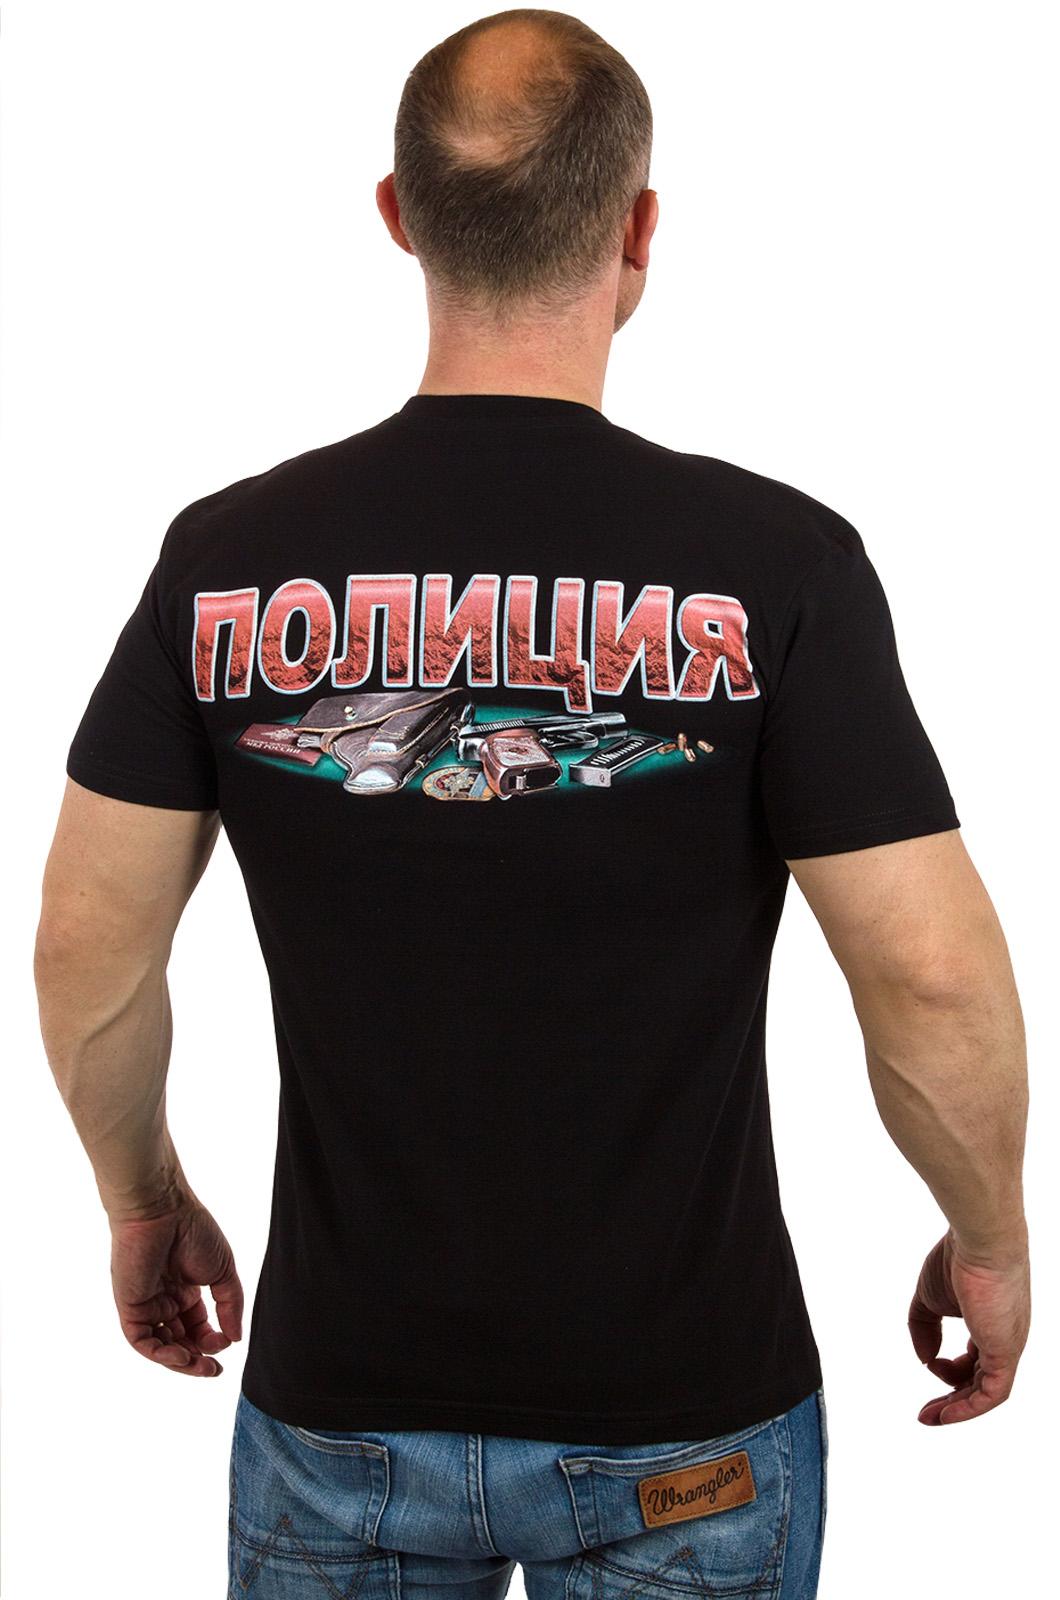 """Футболка полицейская """"Жеглов"""" по лучшей цене"""